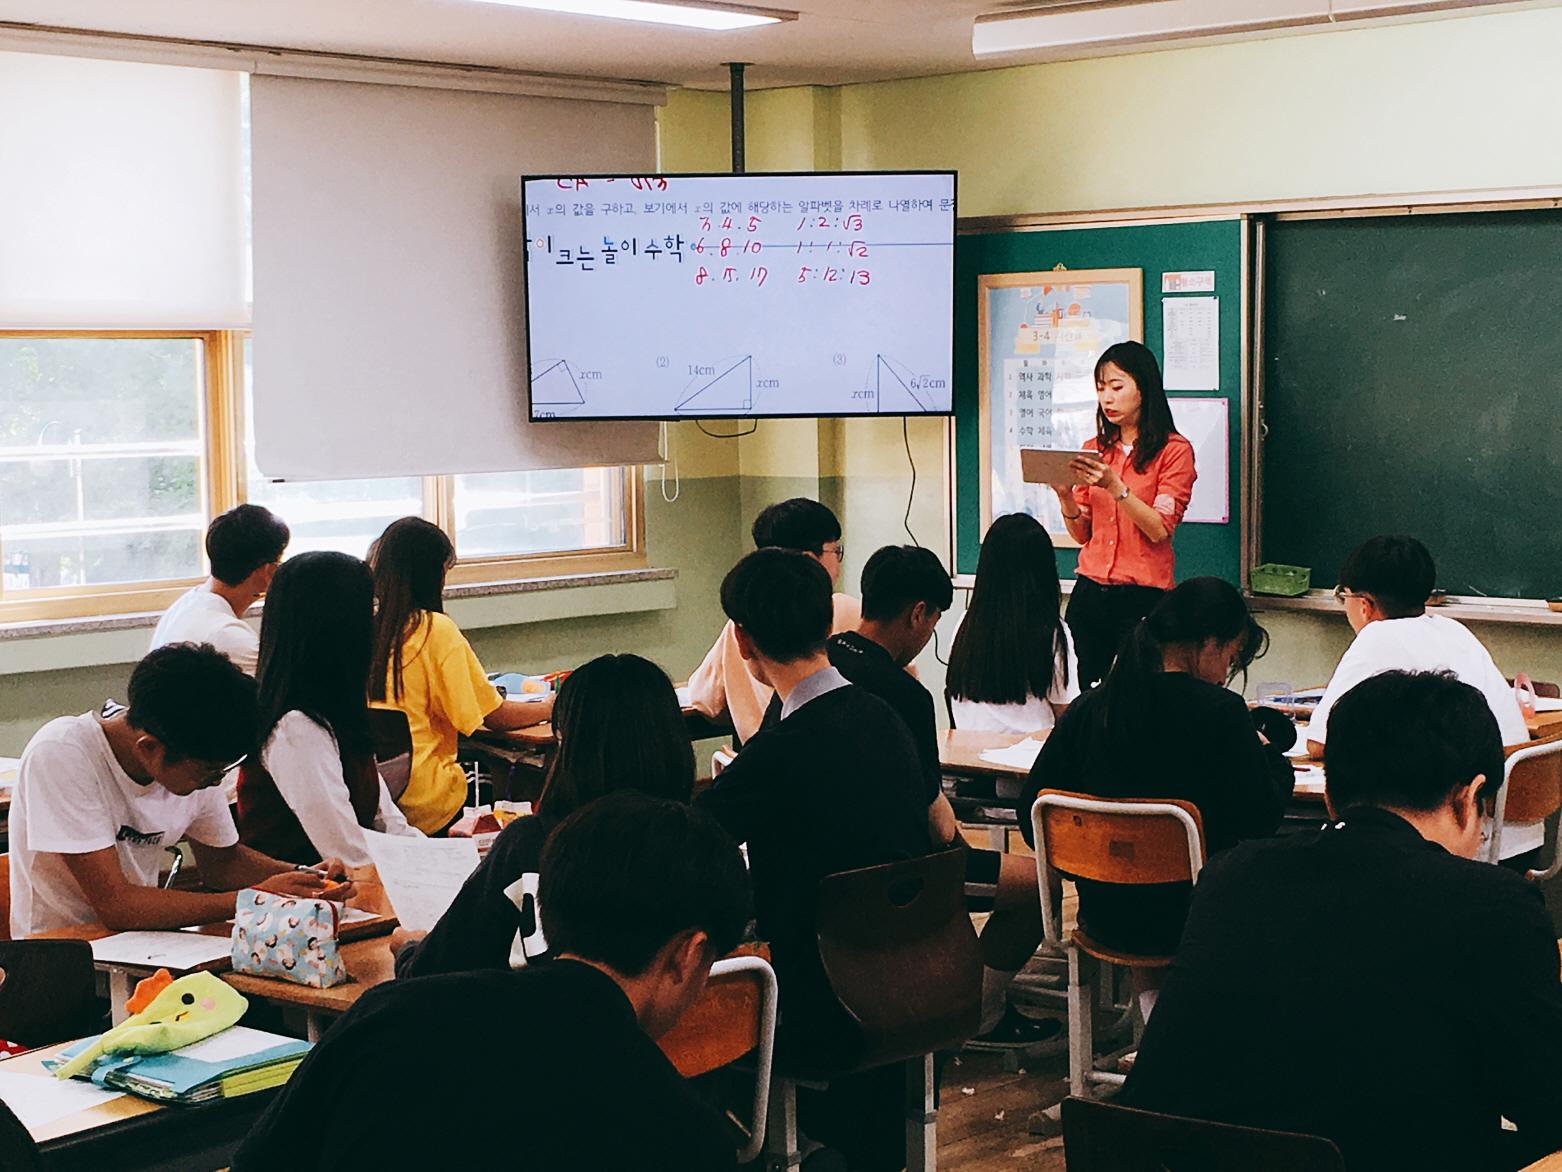 [일반] 2018학년도 2학기 학부모와 함께하는 교육활동 공개의 날의 첨부이미지 5